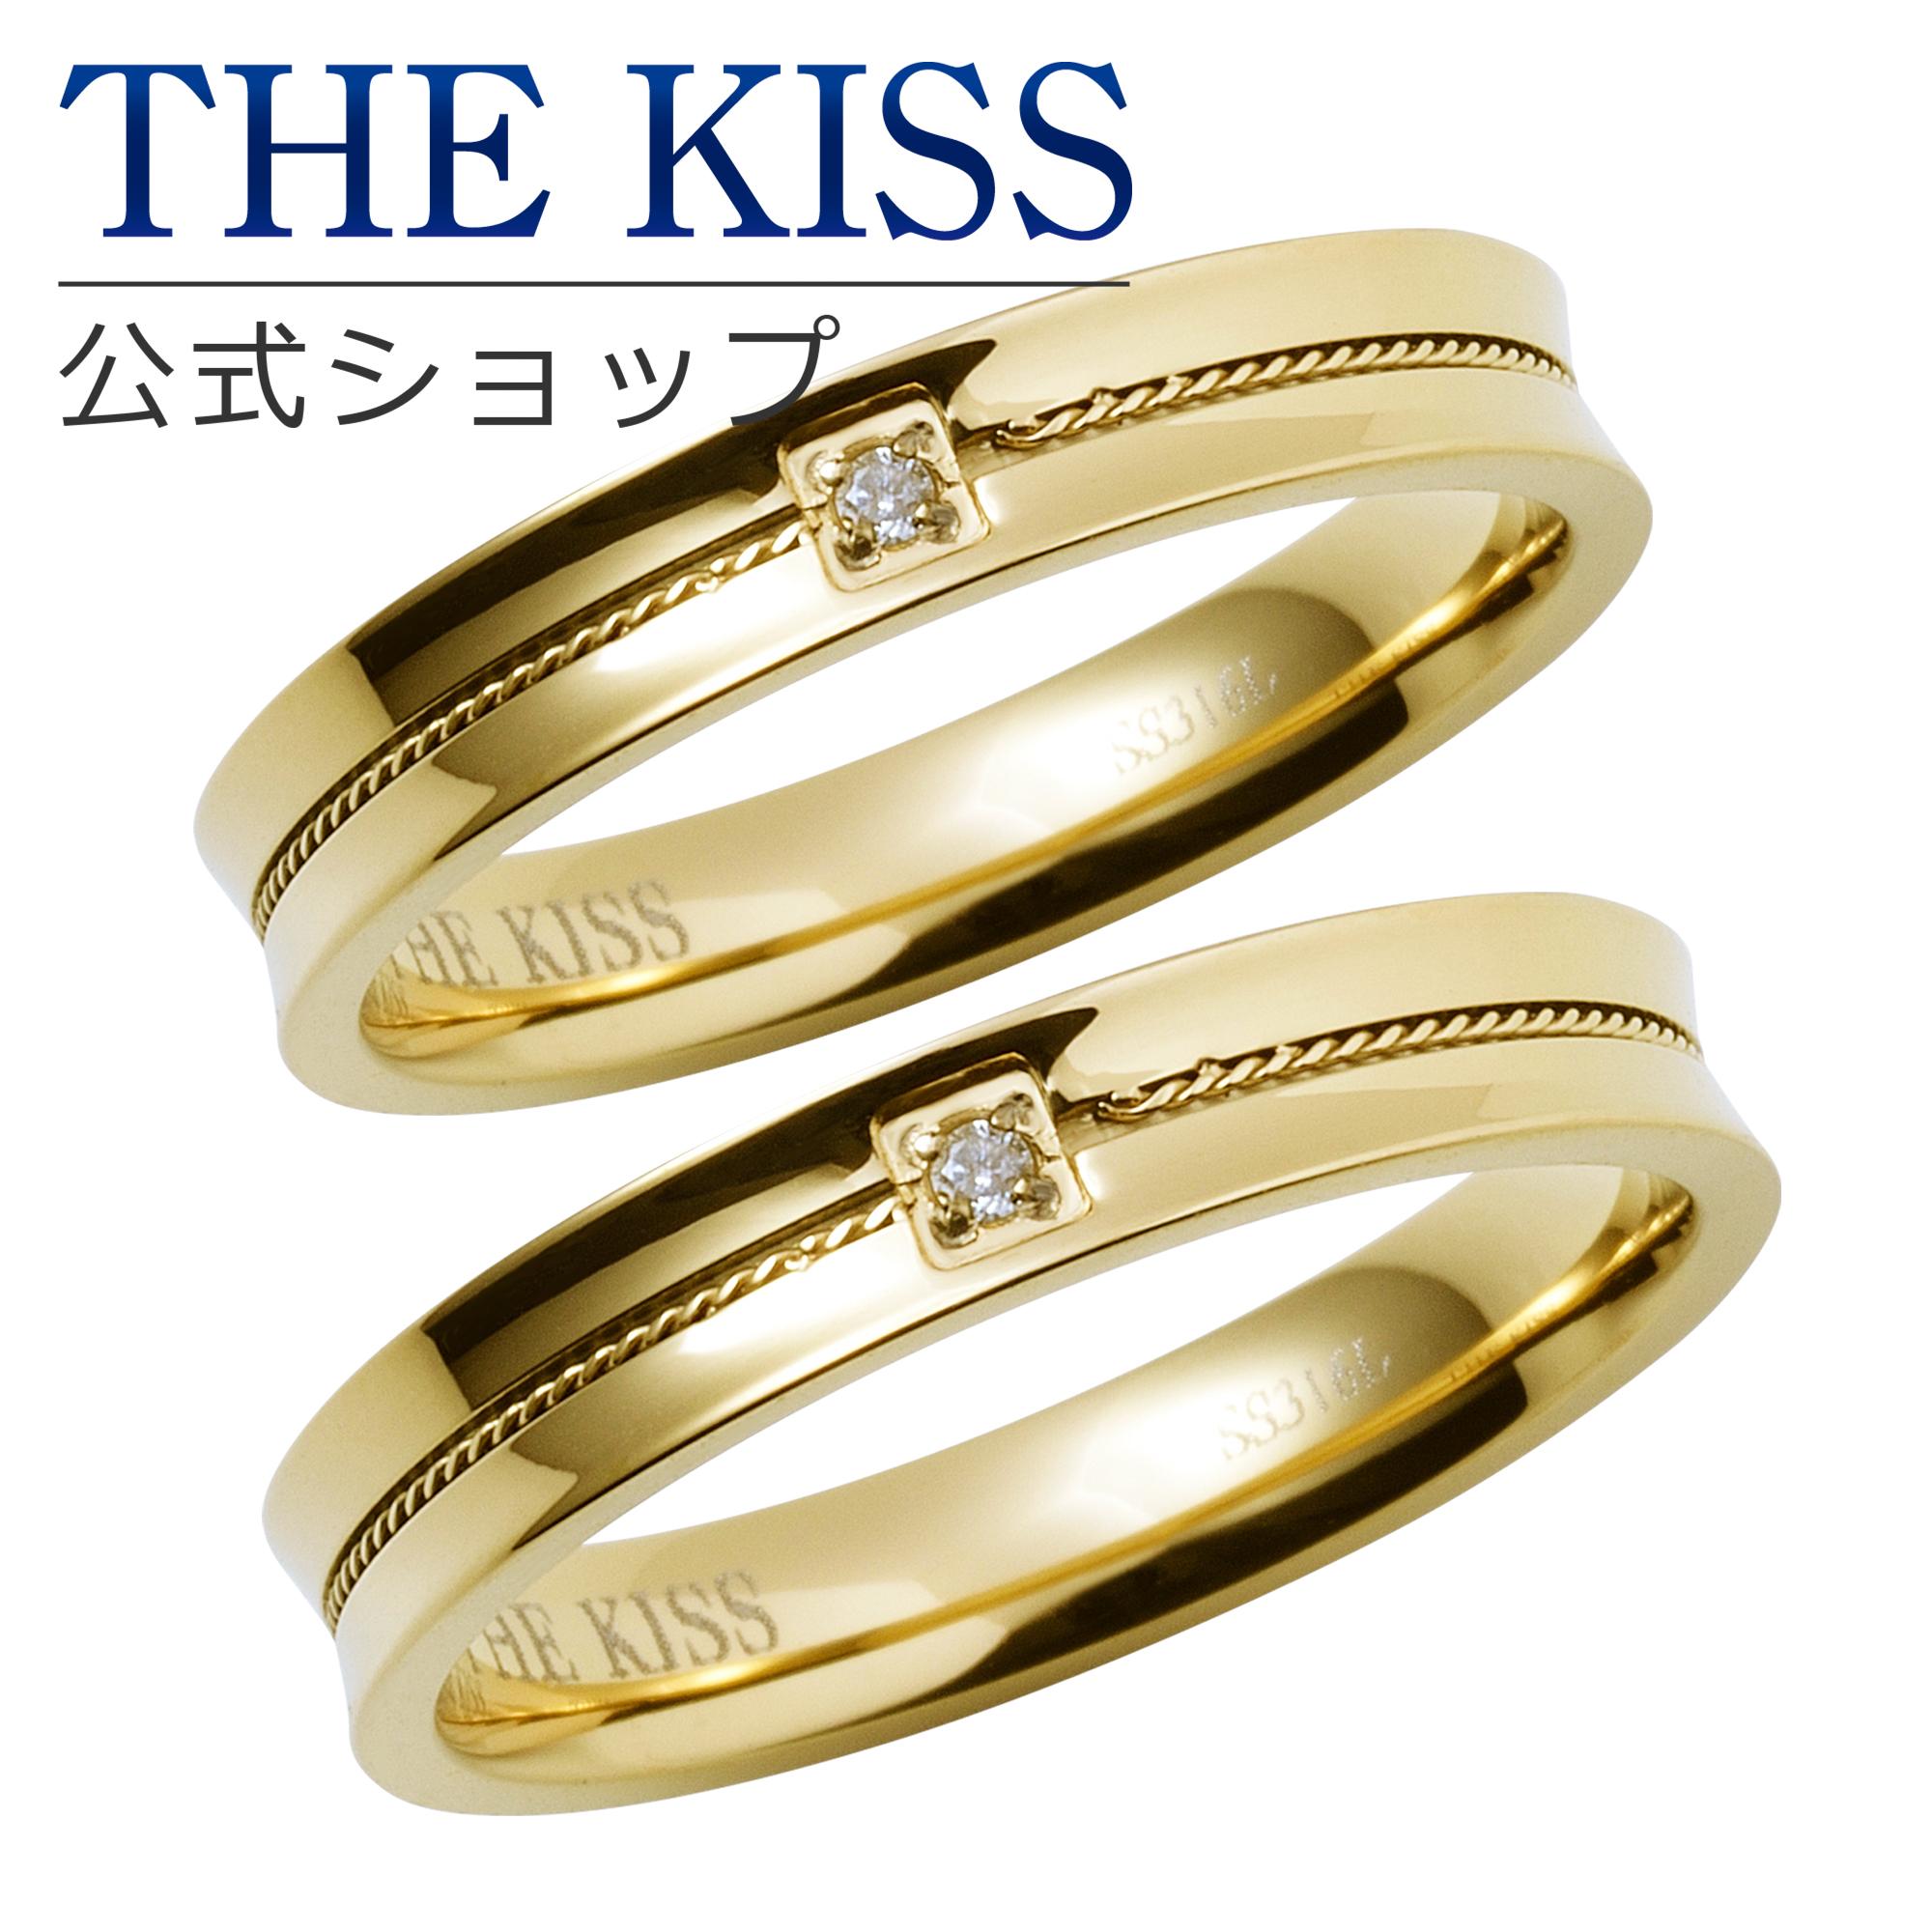 【あす楽対応】THE KISS 公式サイト シルバー ペアリング ペアアクセサリー カップル に 人気 の ジュエリーブランド THEKISS ペア リング・指輪 記念日 プレゼント TR1029YEDM-P セット シンプル 男性 女性 2個ペア ザキス 【送料無料】